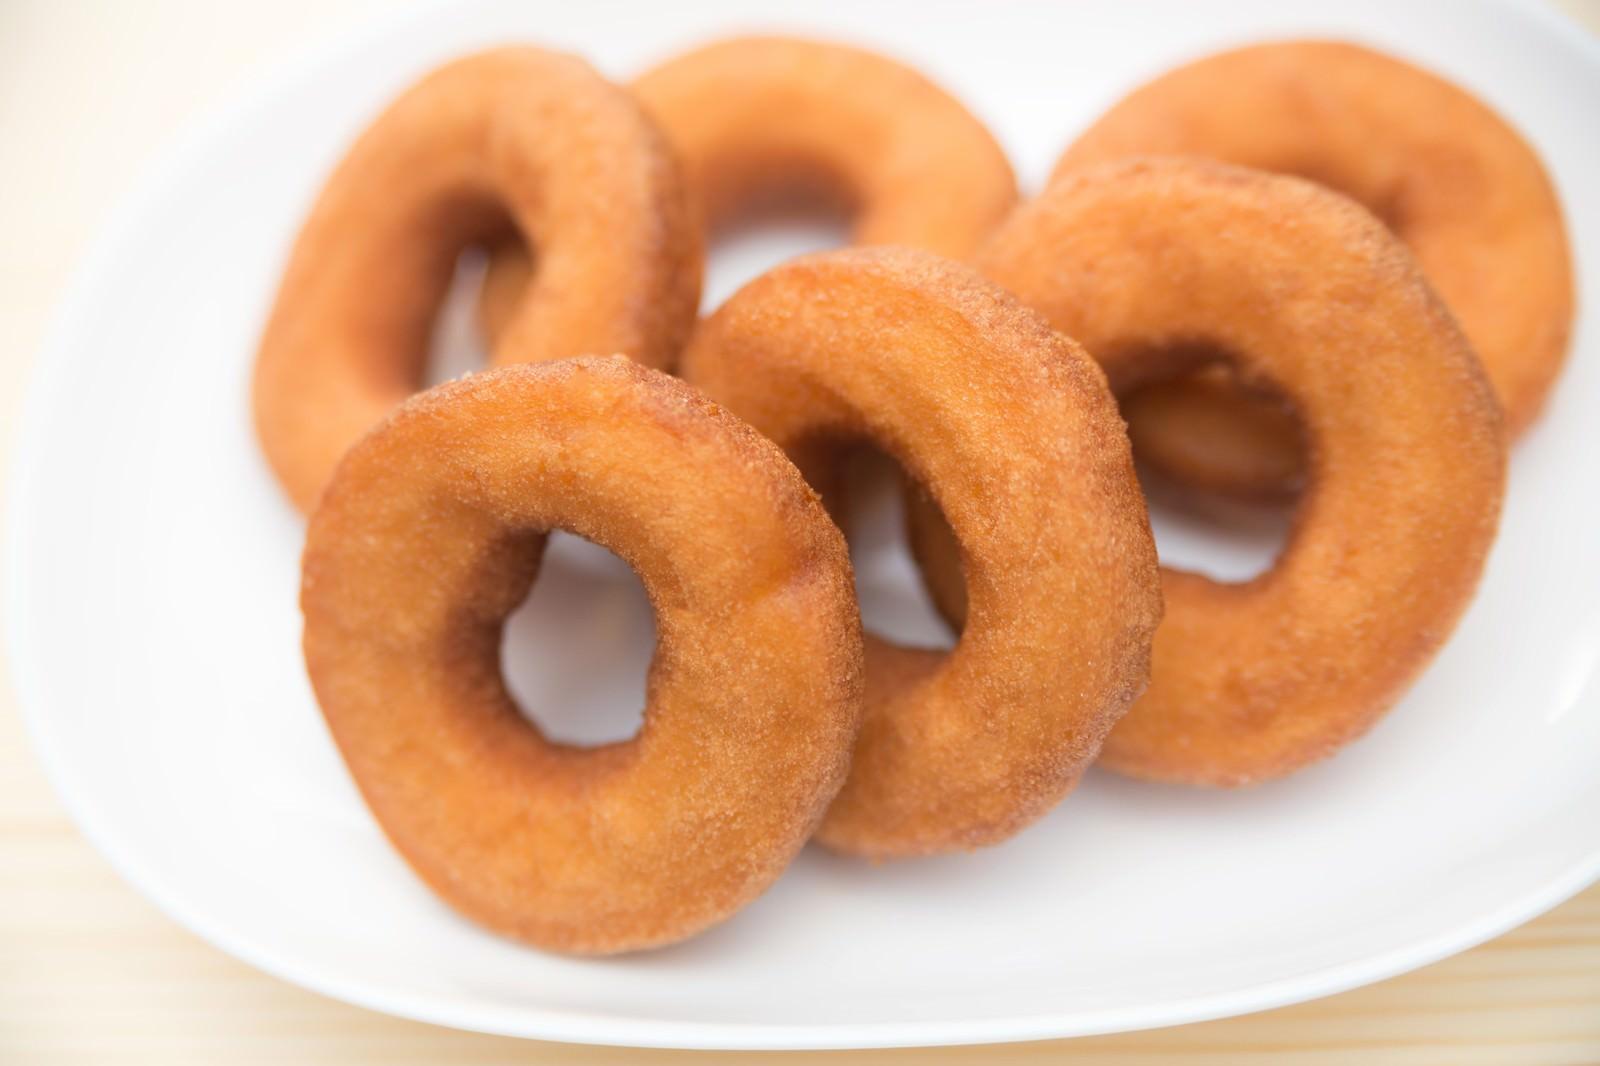 「お皿に並べたドーナッツ」の写真